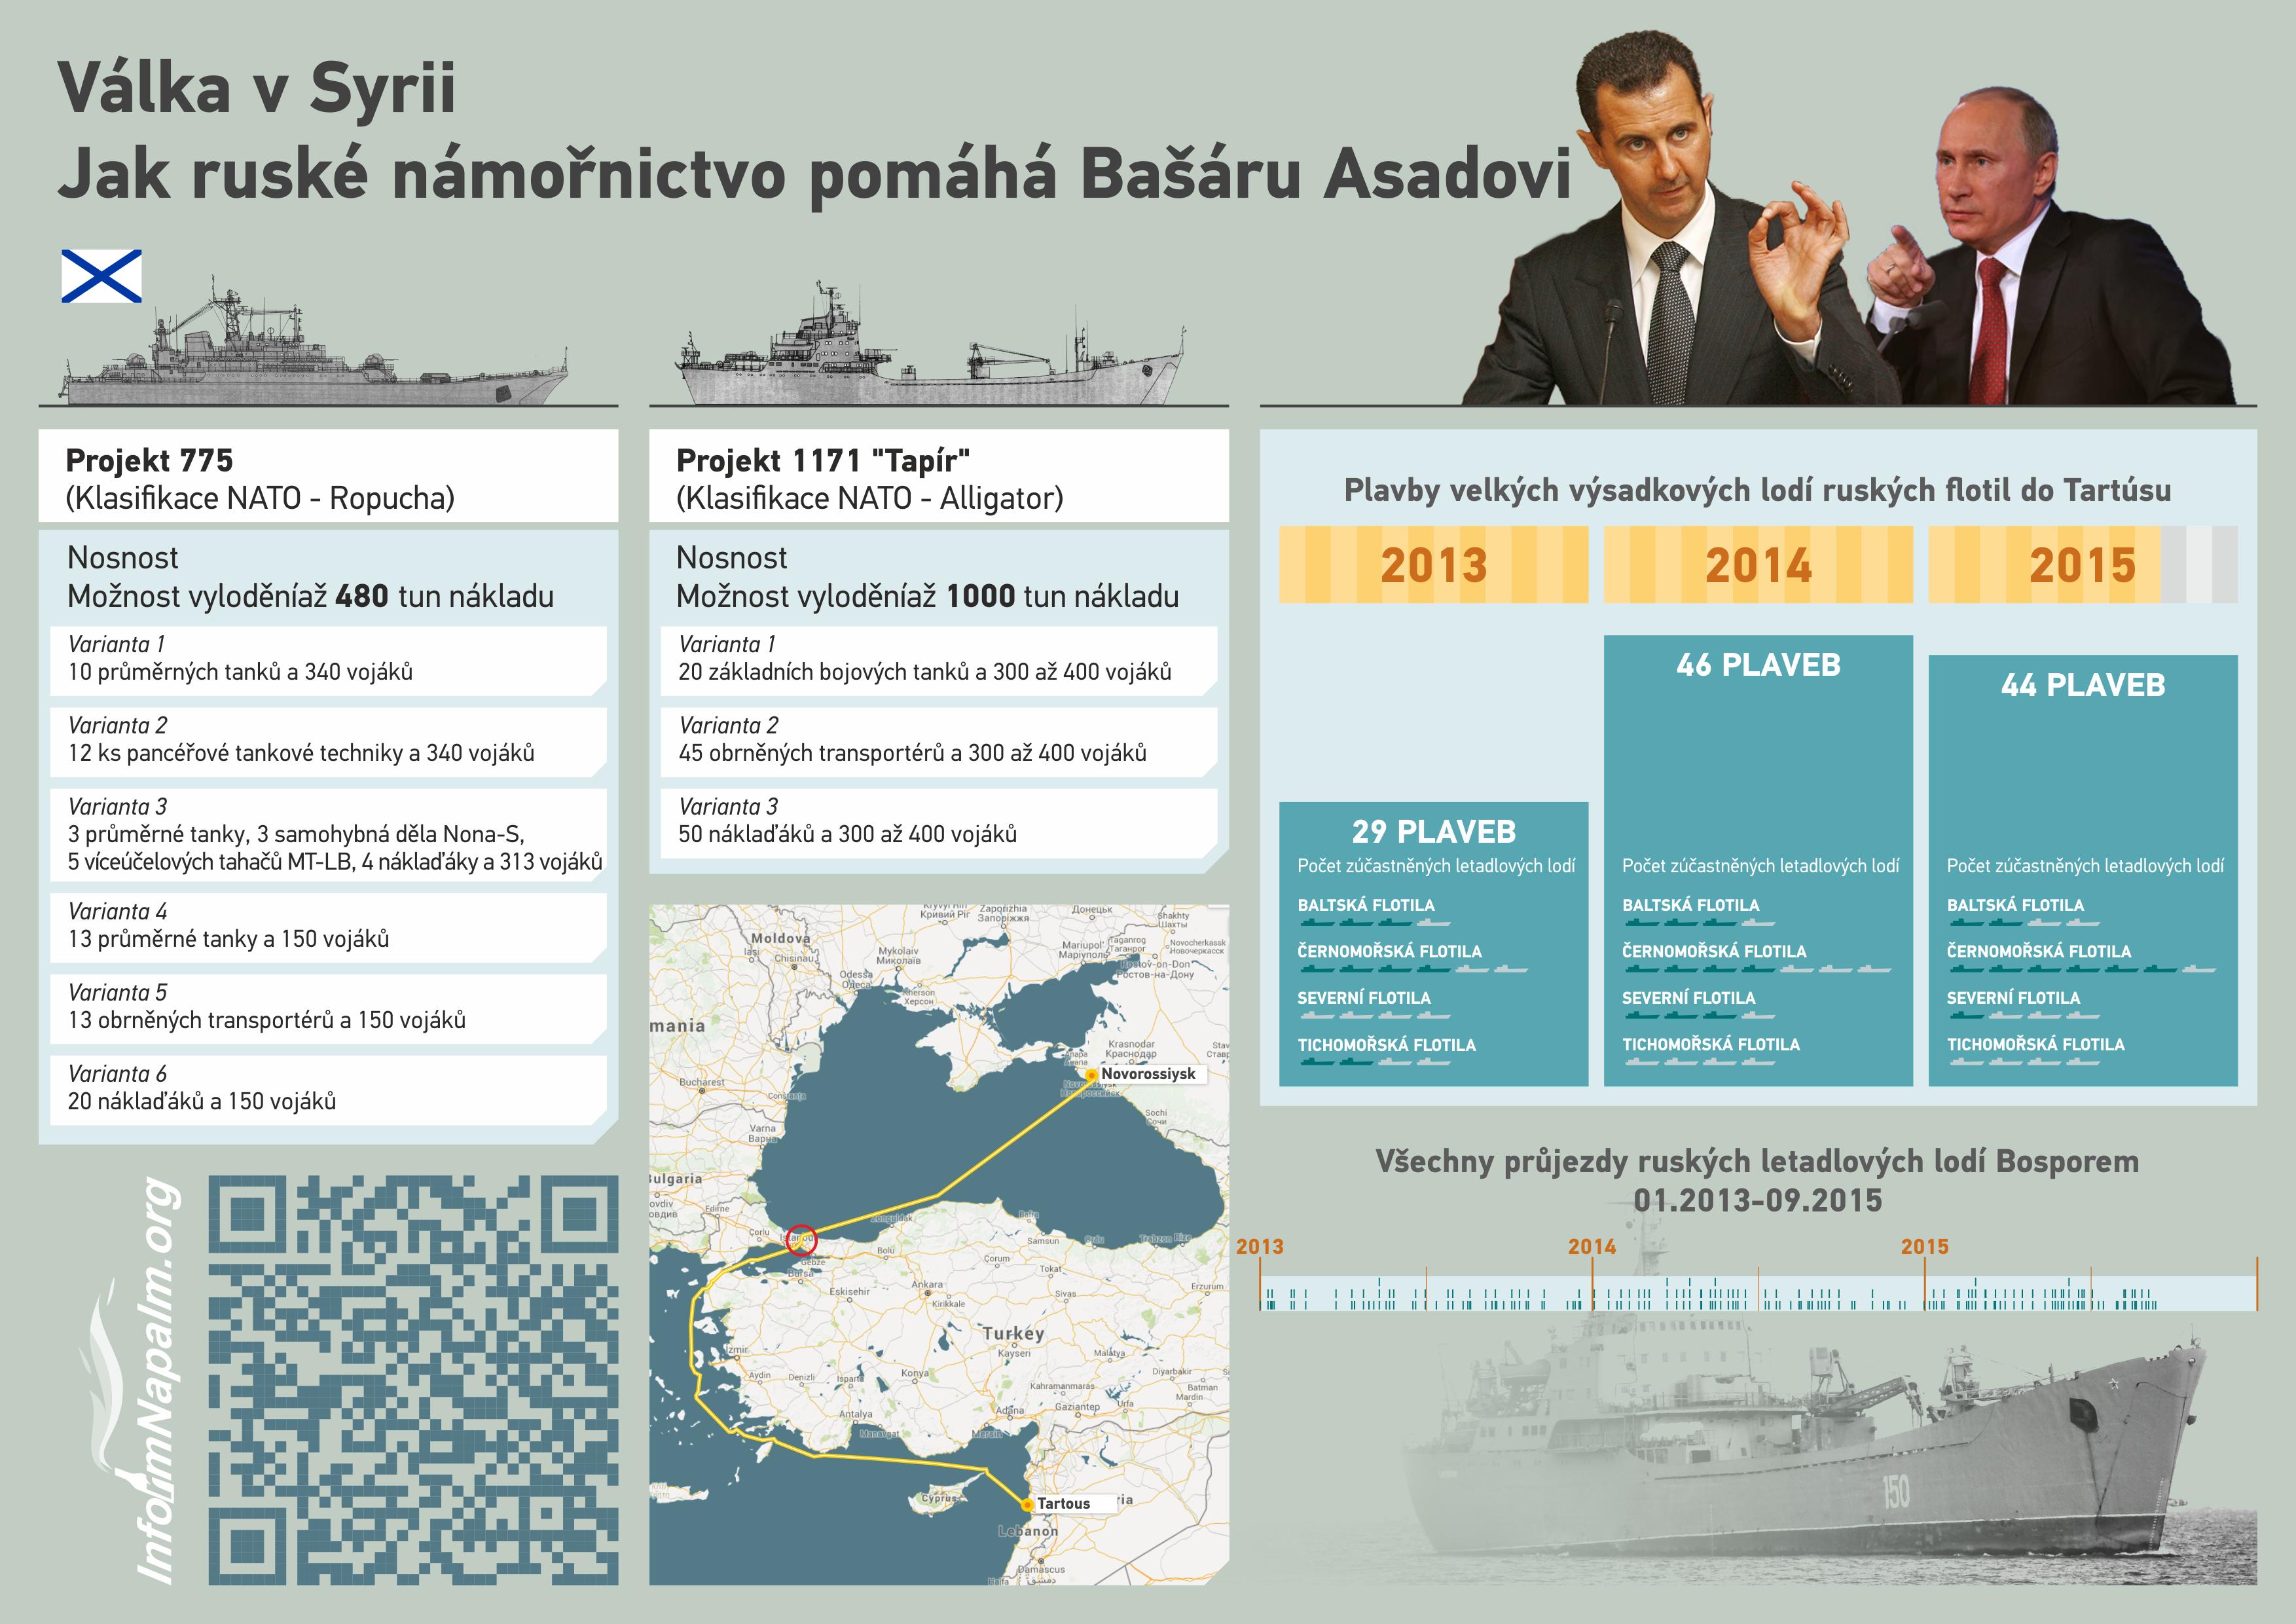 Jak Putin pomáhal Bašáru Asadovi bojovat proti vlastnímu lidu